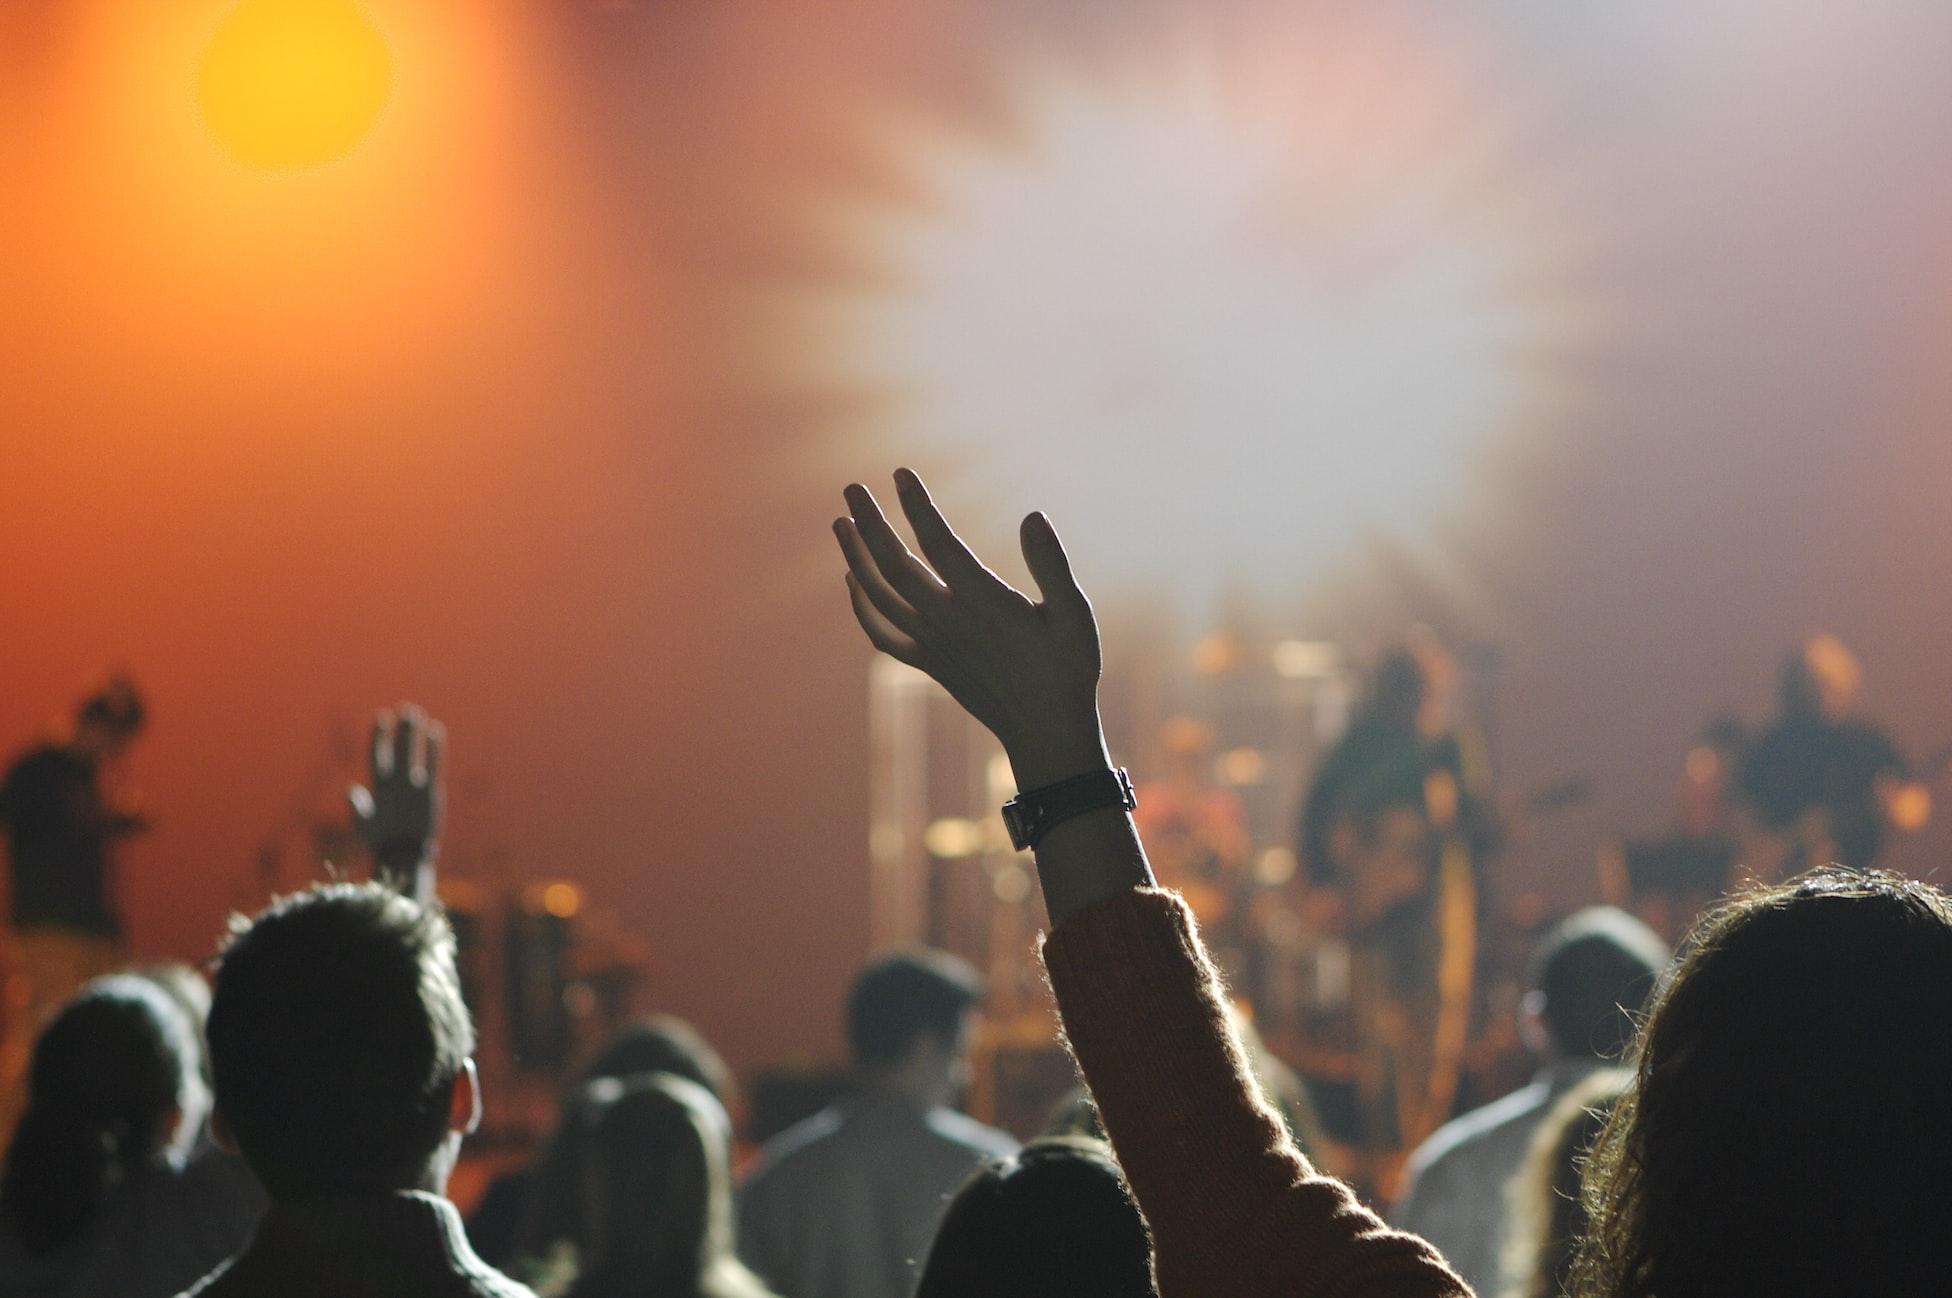 Музыкальные фестивали в 2021 году, которые нельзя пропустить